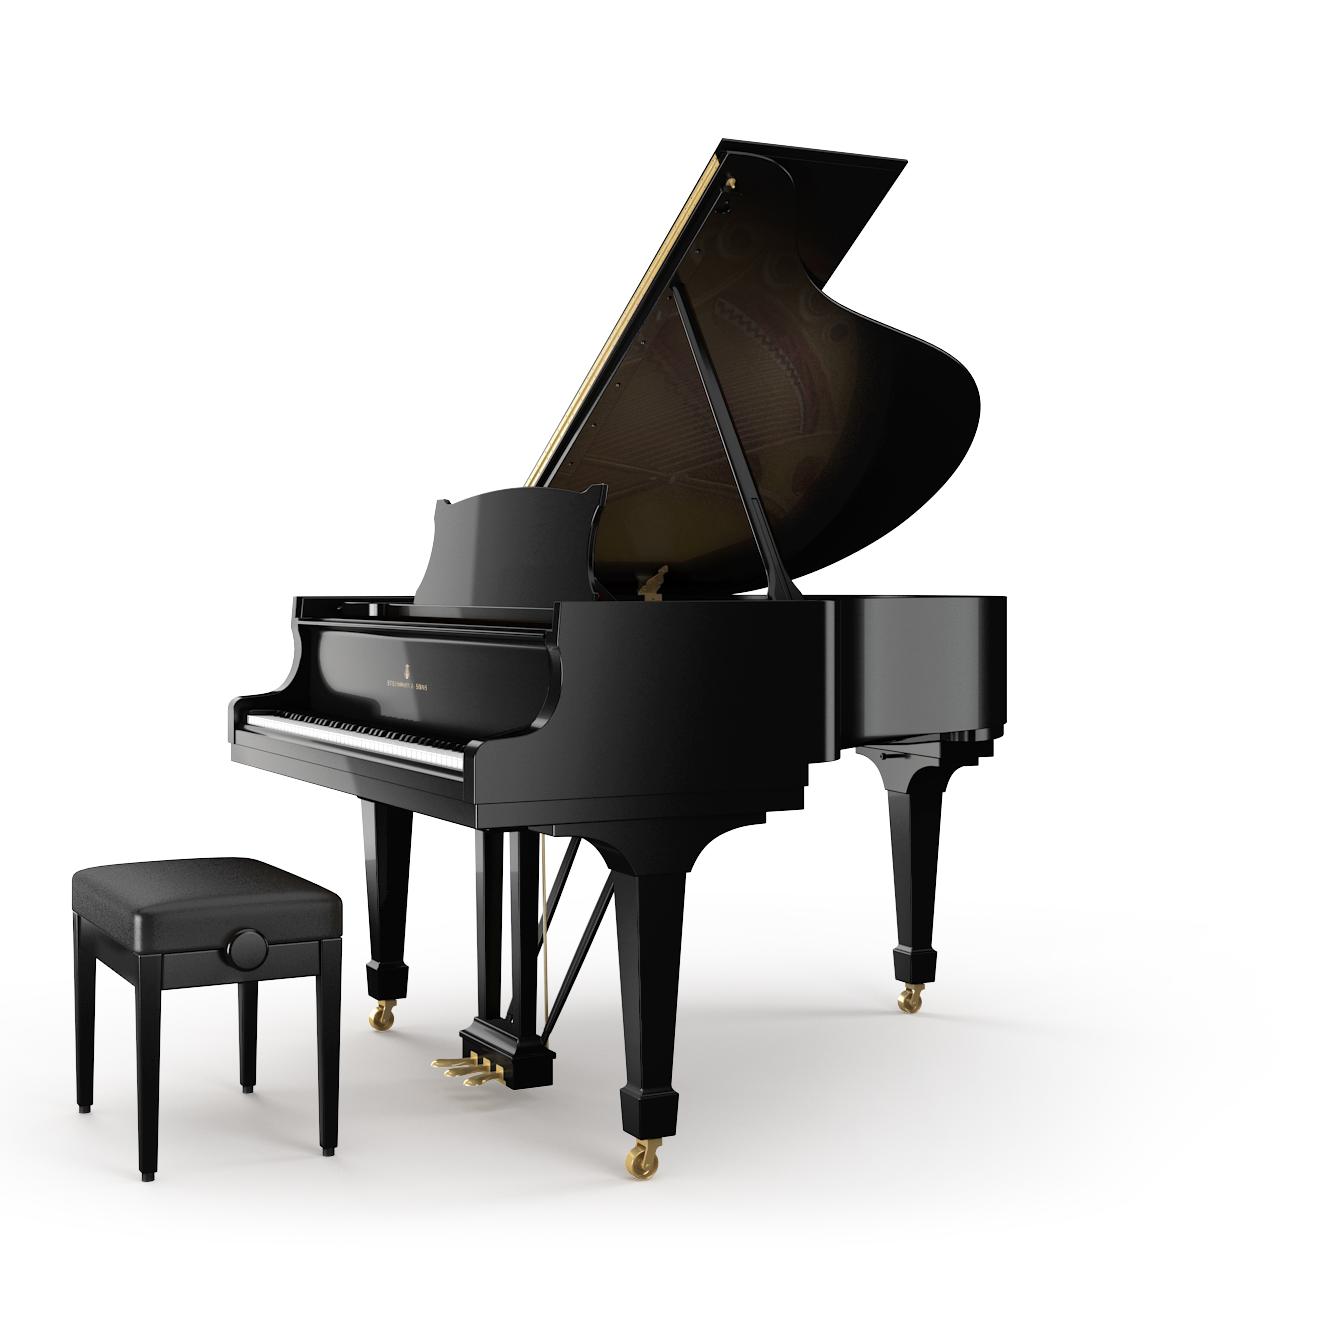 Pianoforte Steinway M-170 Alberto Napolitano Pianoforti Napoli